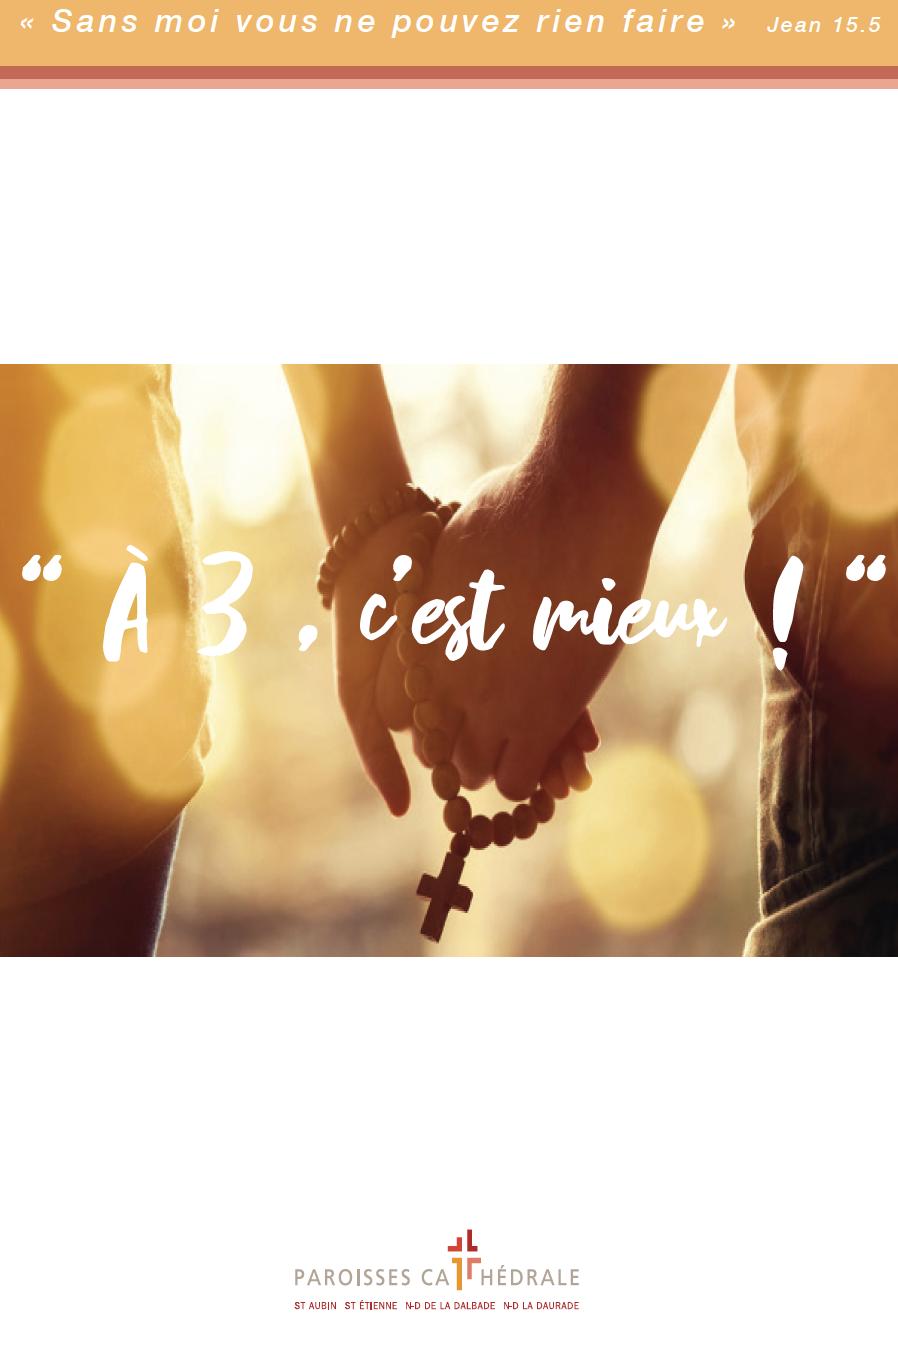 Journée pour les couples